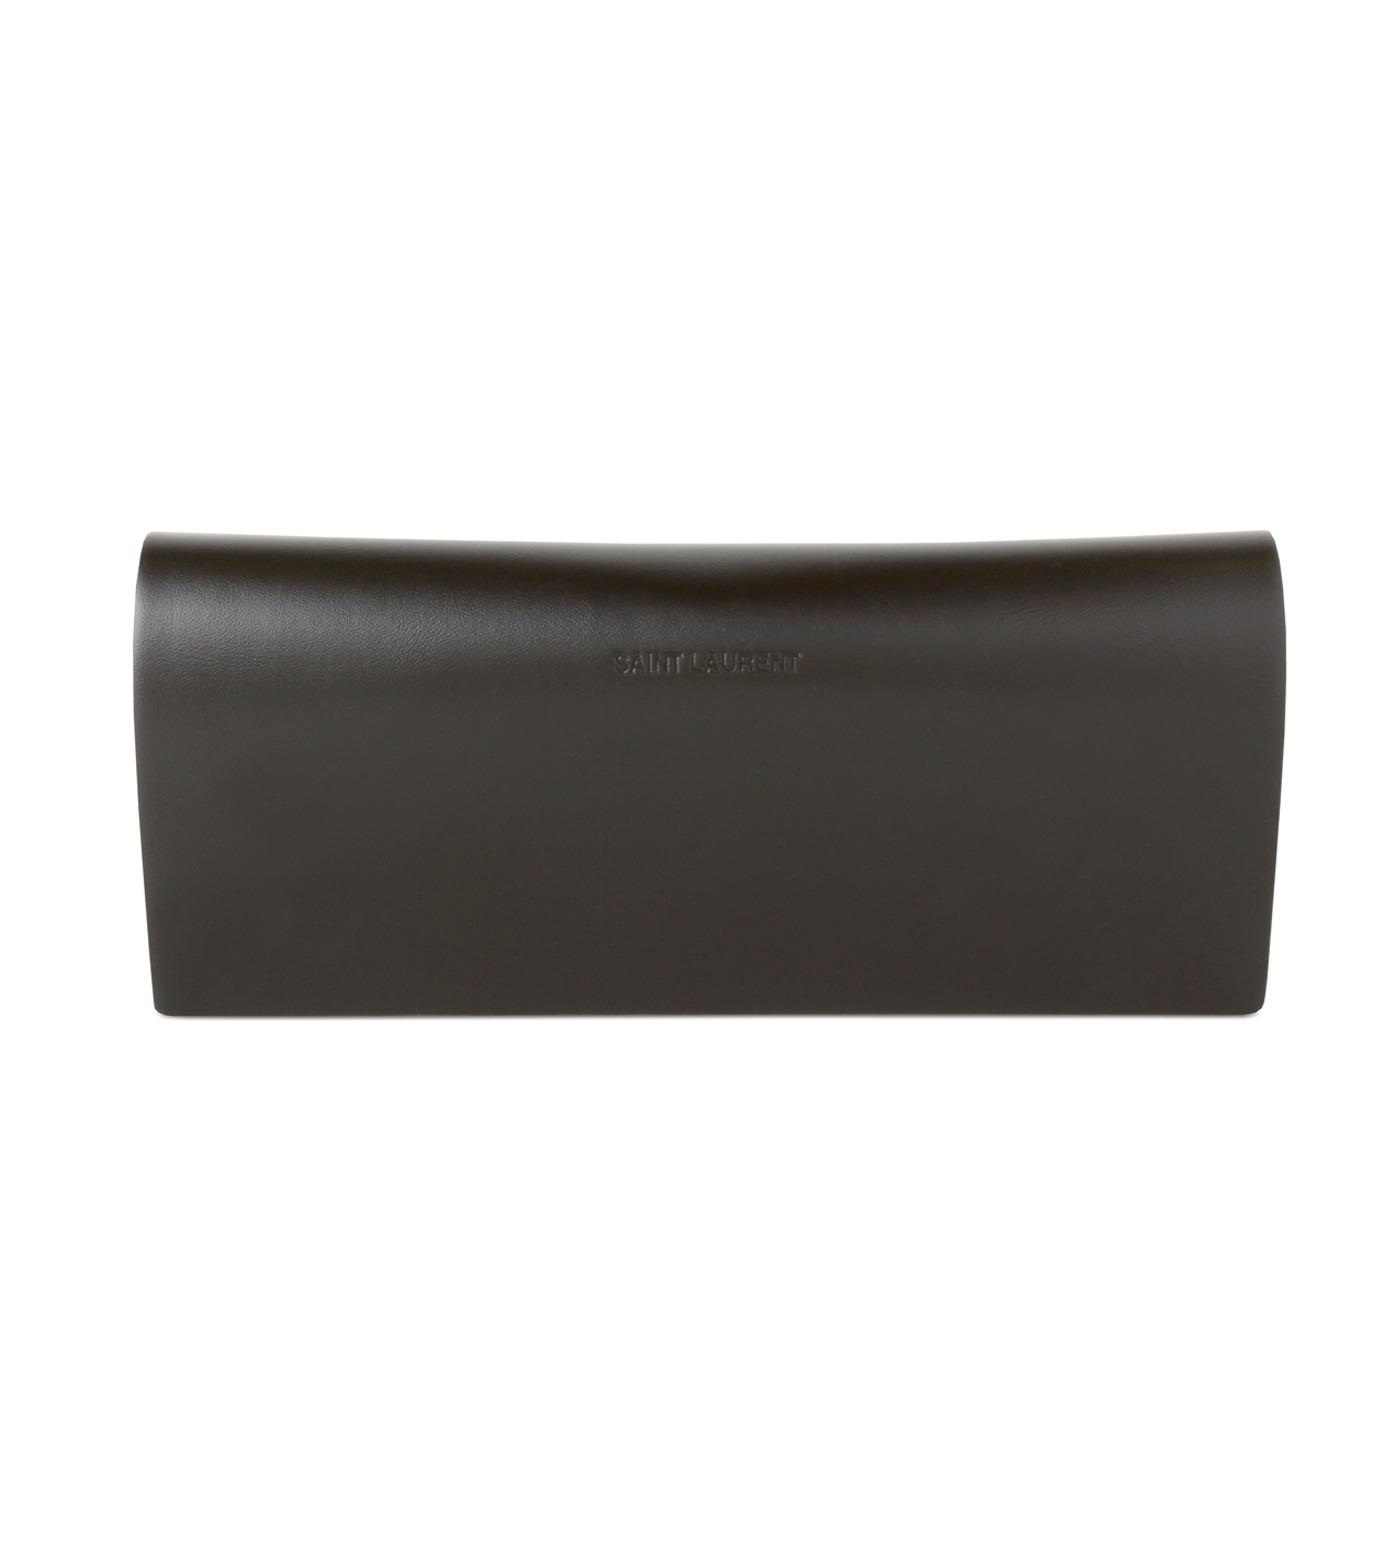 SAINT LAURENT(サンローラン)のClassic SL 51-BLACK(アイウェア/eyewear)-419713-Y9909-13 拡大詳細画像4